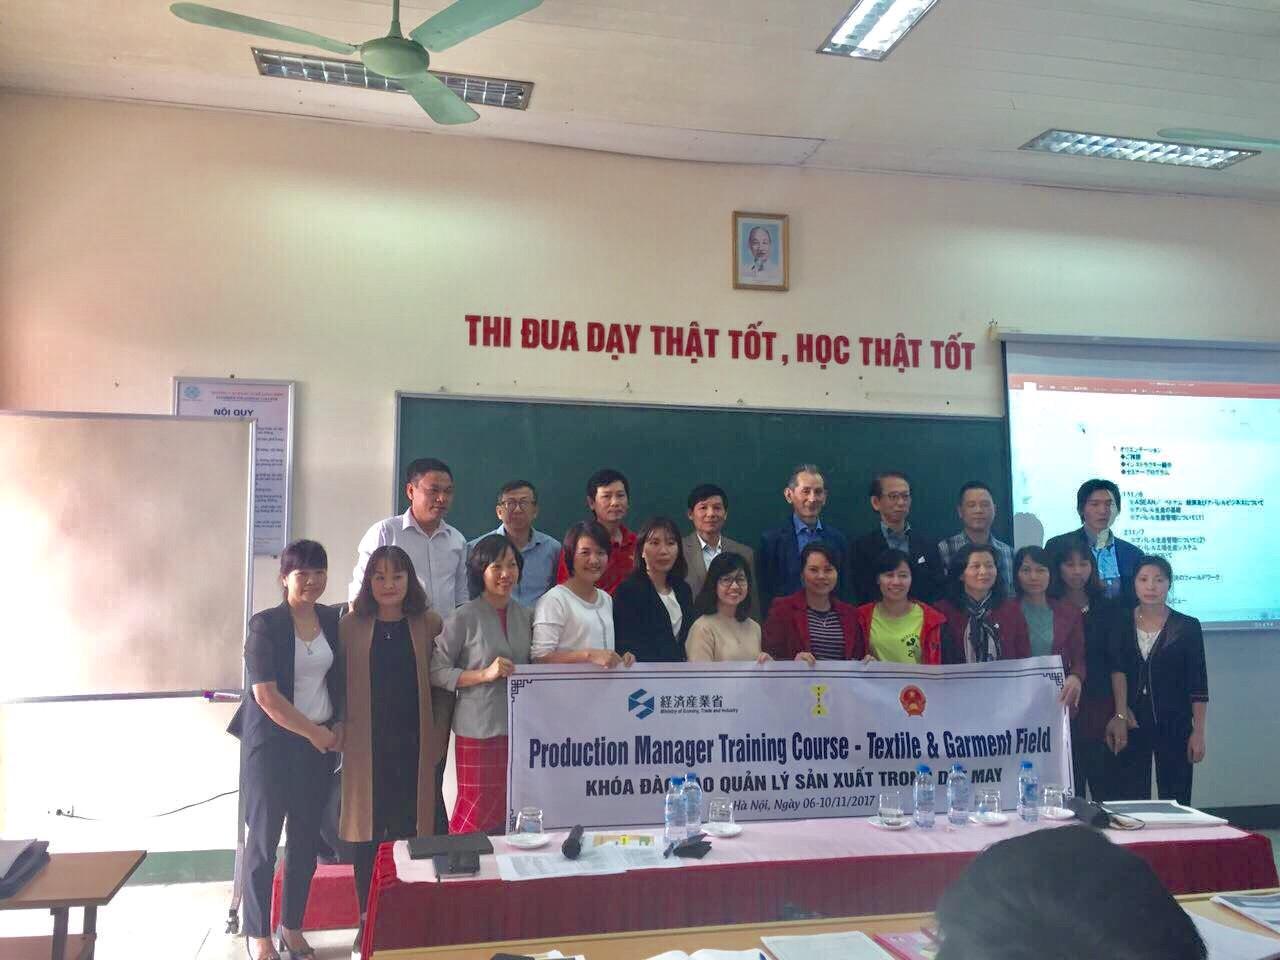 Khai giảng chương trình đào tạo của Meti về quản lý sản xuất dệt may (6-10/11/2017)